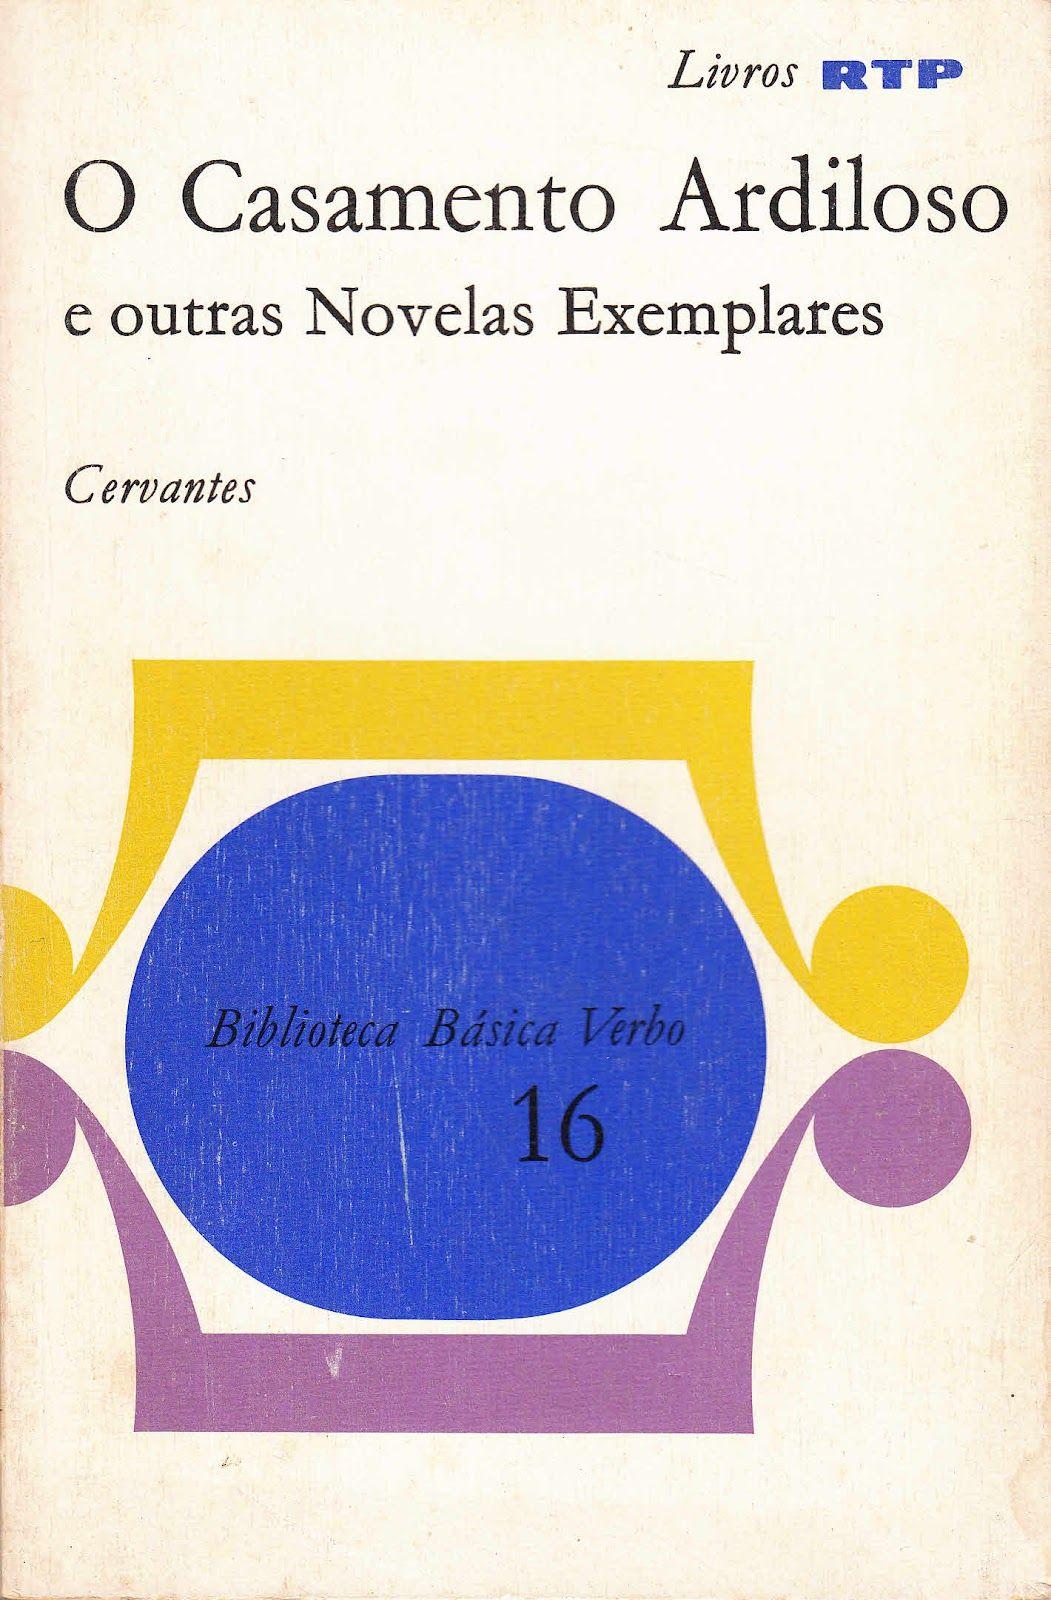 Livros RTP n.º16